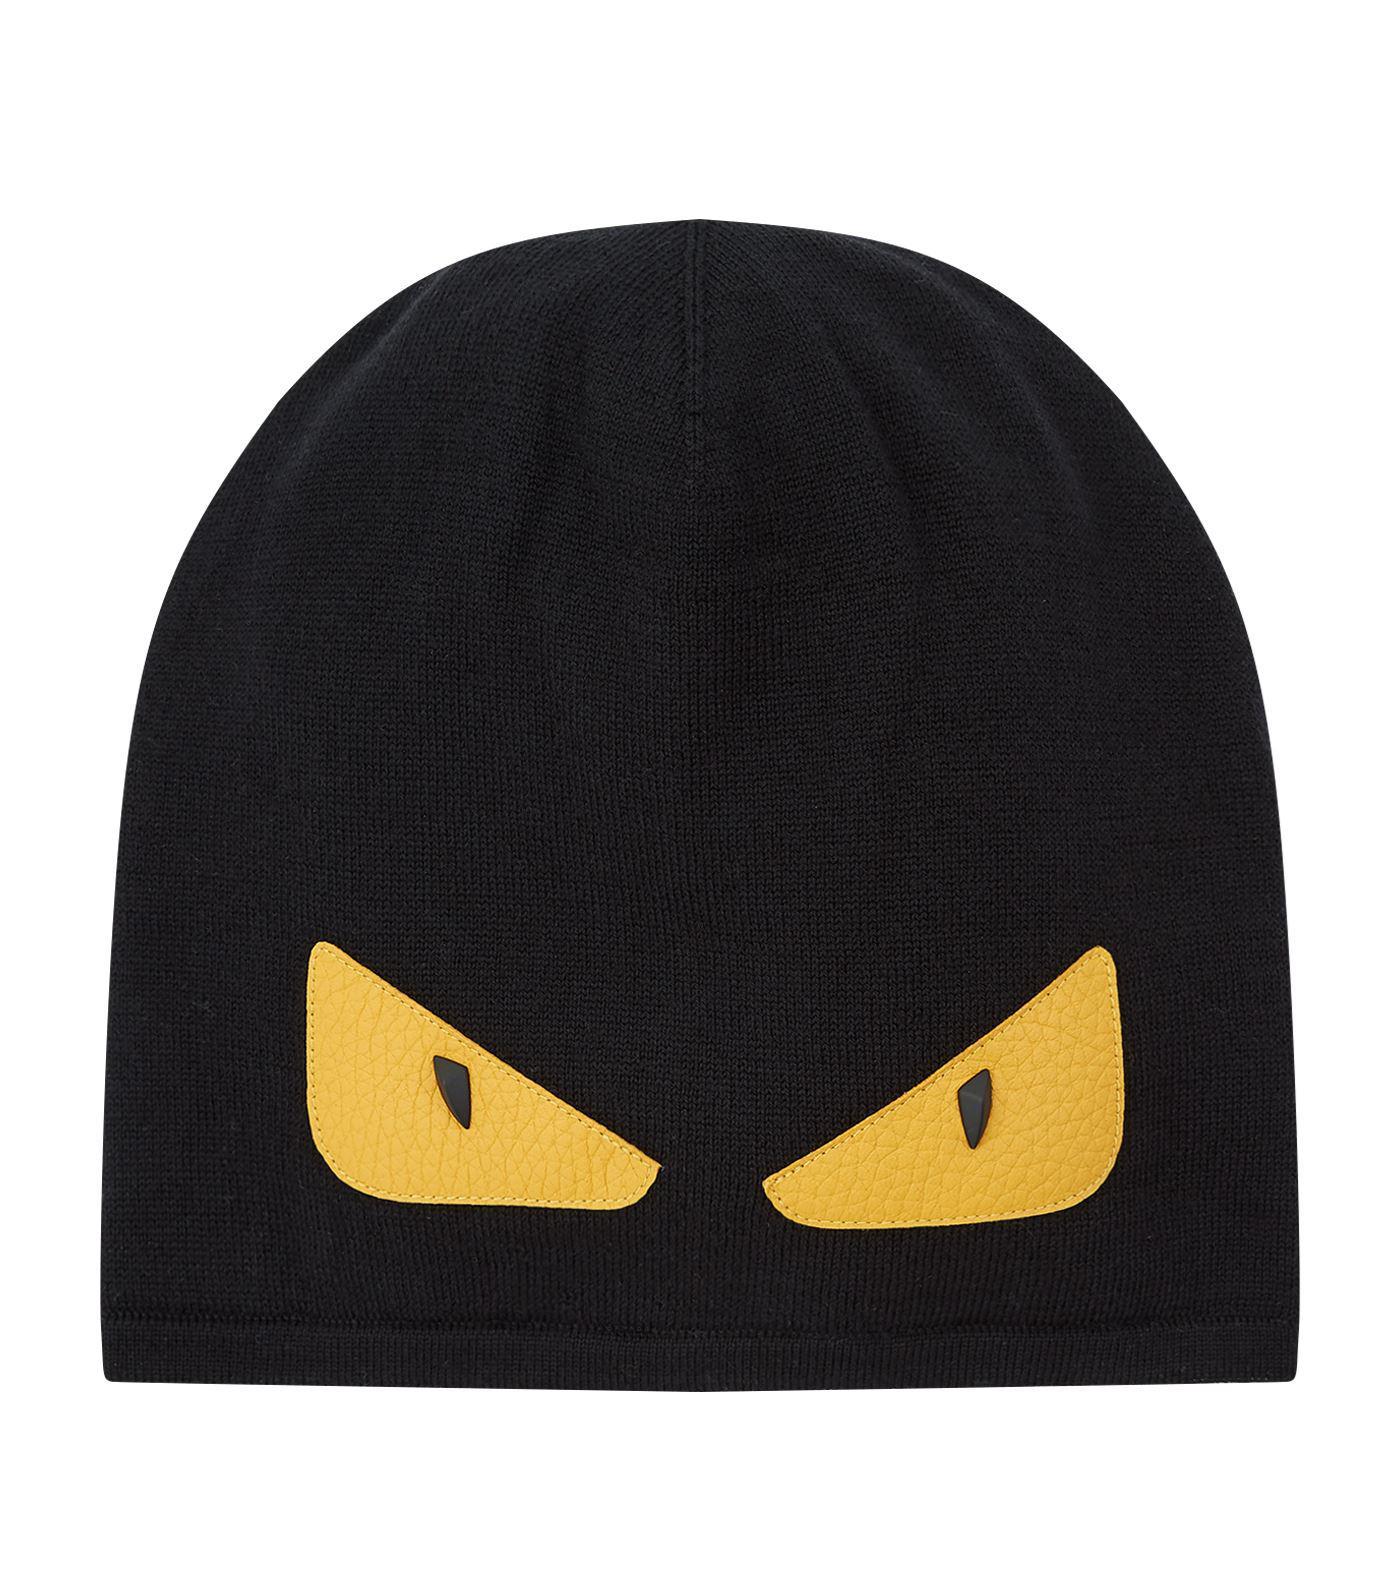 9ecc0510161 Fendi Knitted Monster Eye Beanie in Black for Men - Lyst